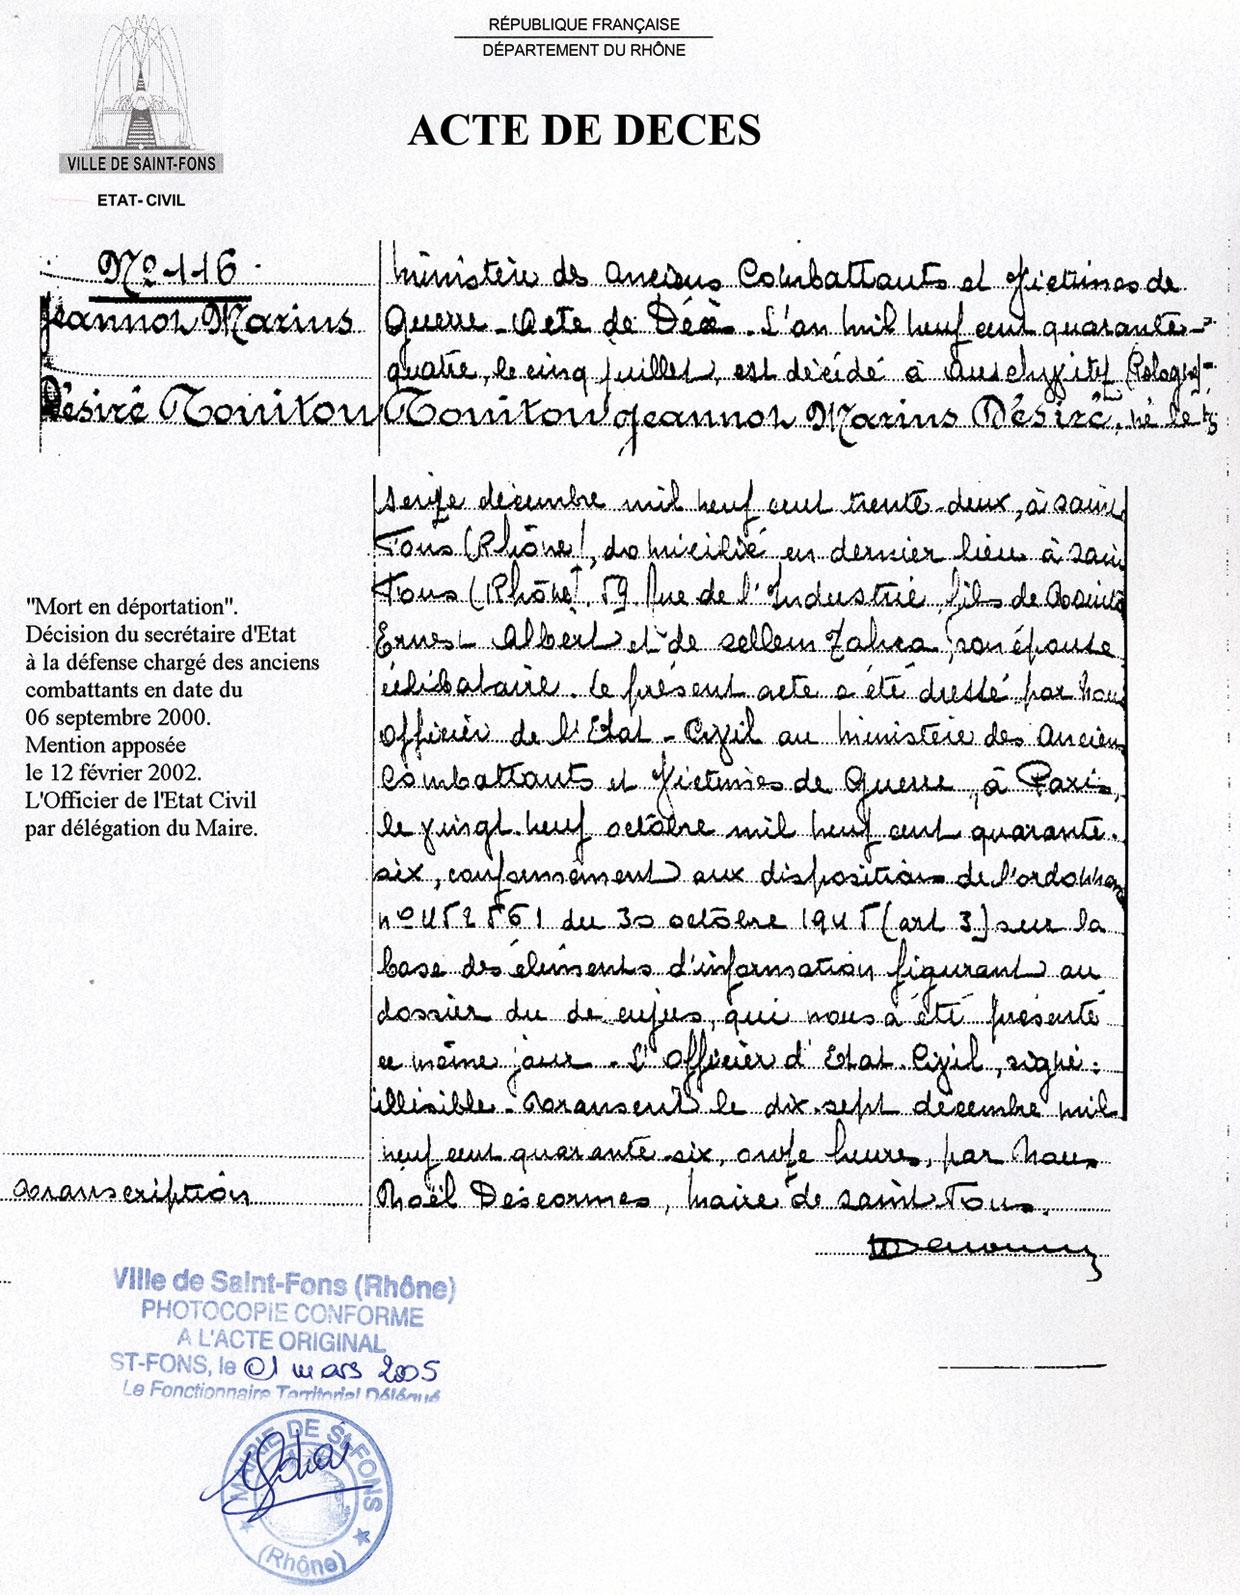 Acte de décès de Jeannot, Touitou, Saint-Fons